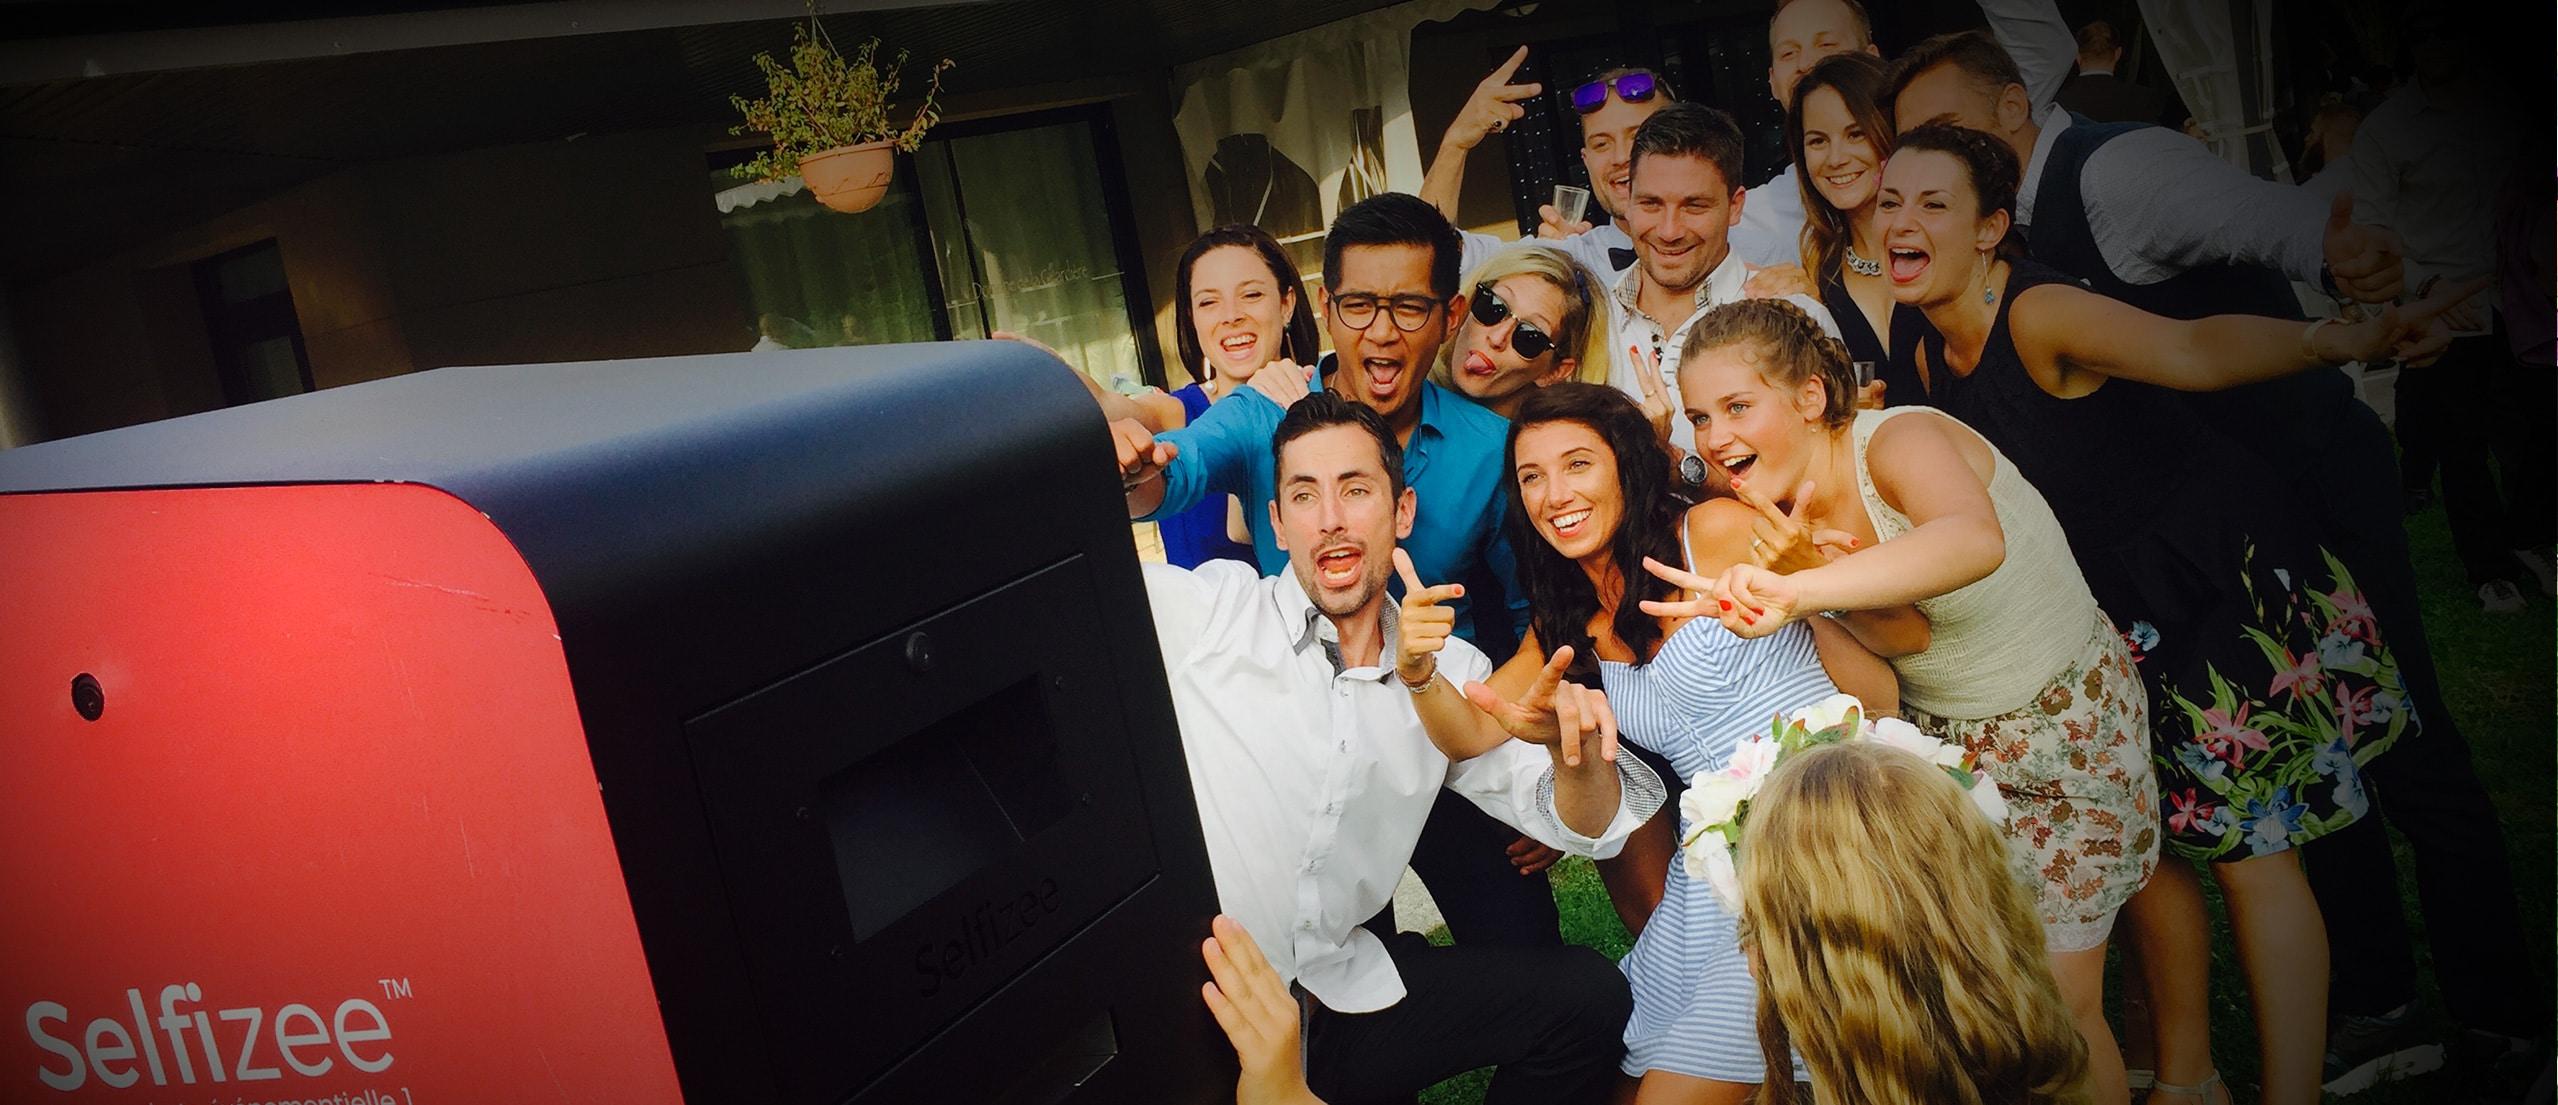 Borne Photo Selfie Photobooth Pour Mariage Anniversaire Et Evenements